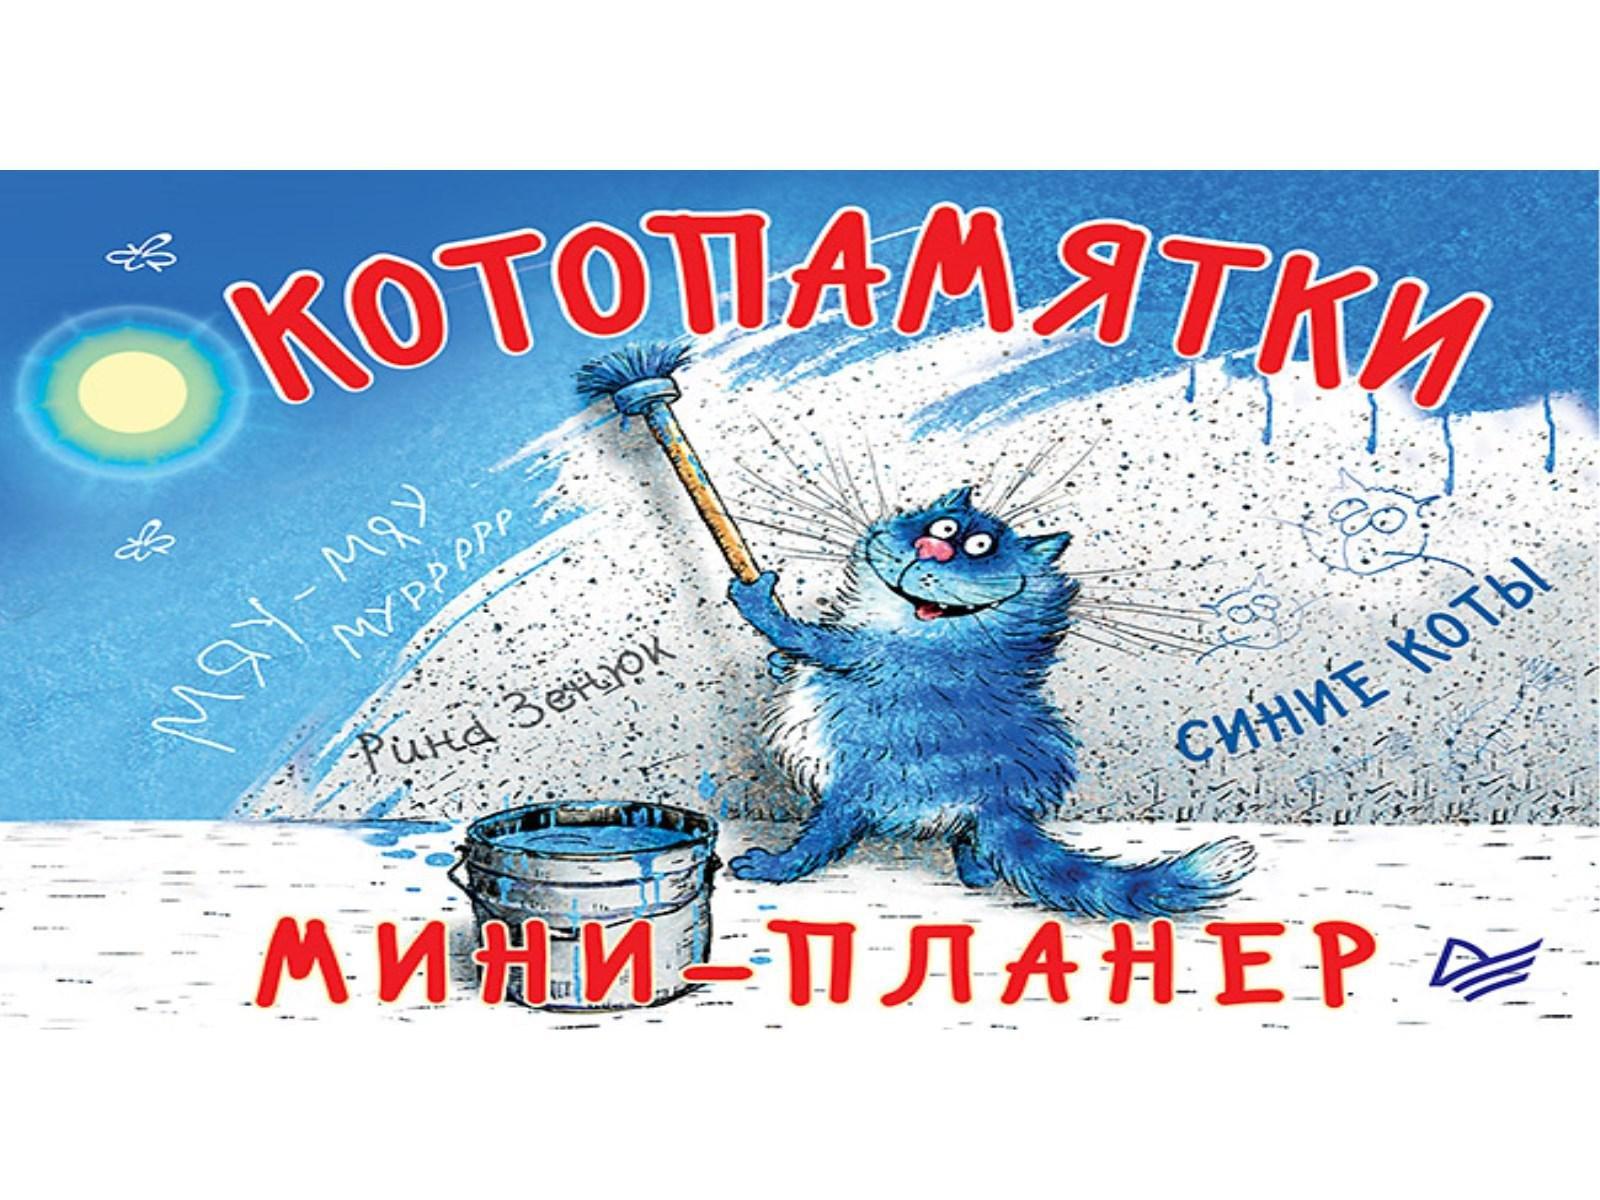 Фото - Зенюк Ирина Мини-планер «Котопамятки. Синие коты», 64 страницы зенюк ирина мини планер котопамятки синие коты